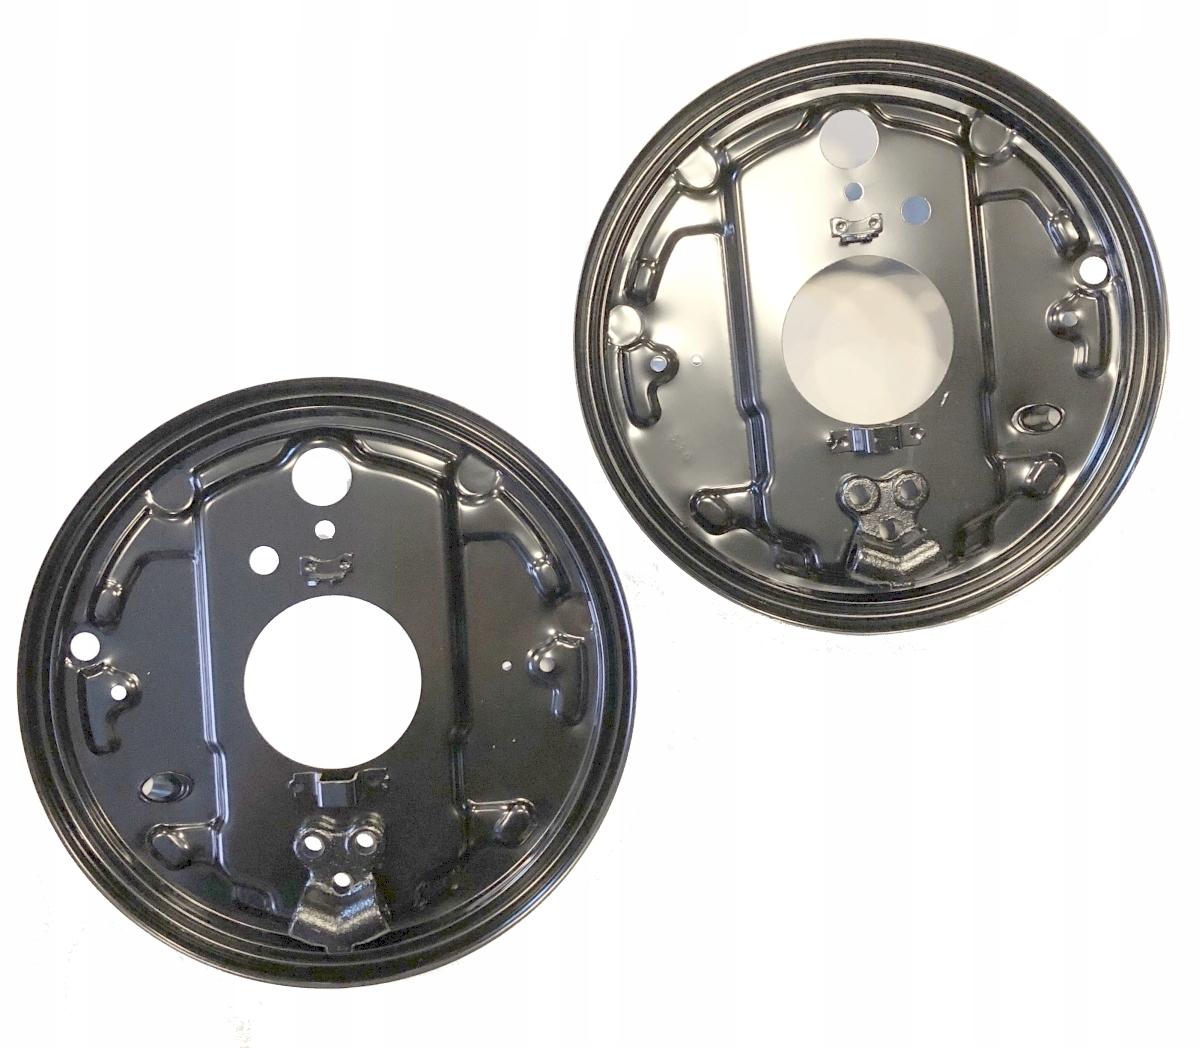 vw t3 транспортер диски якорные сзади p+l компл